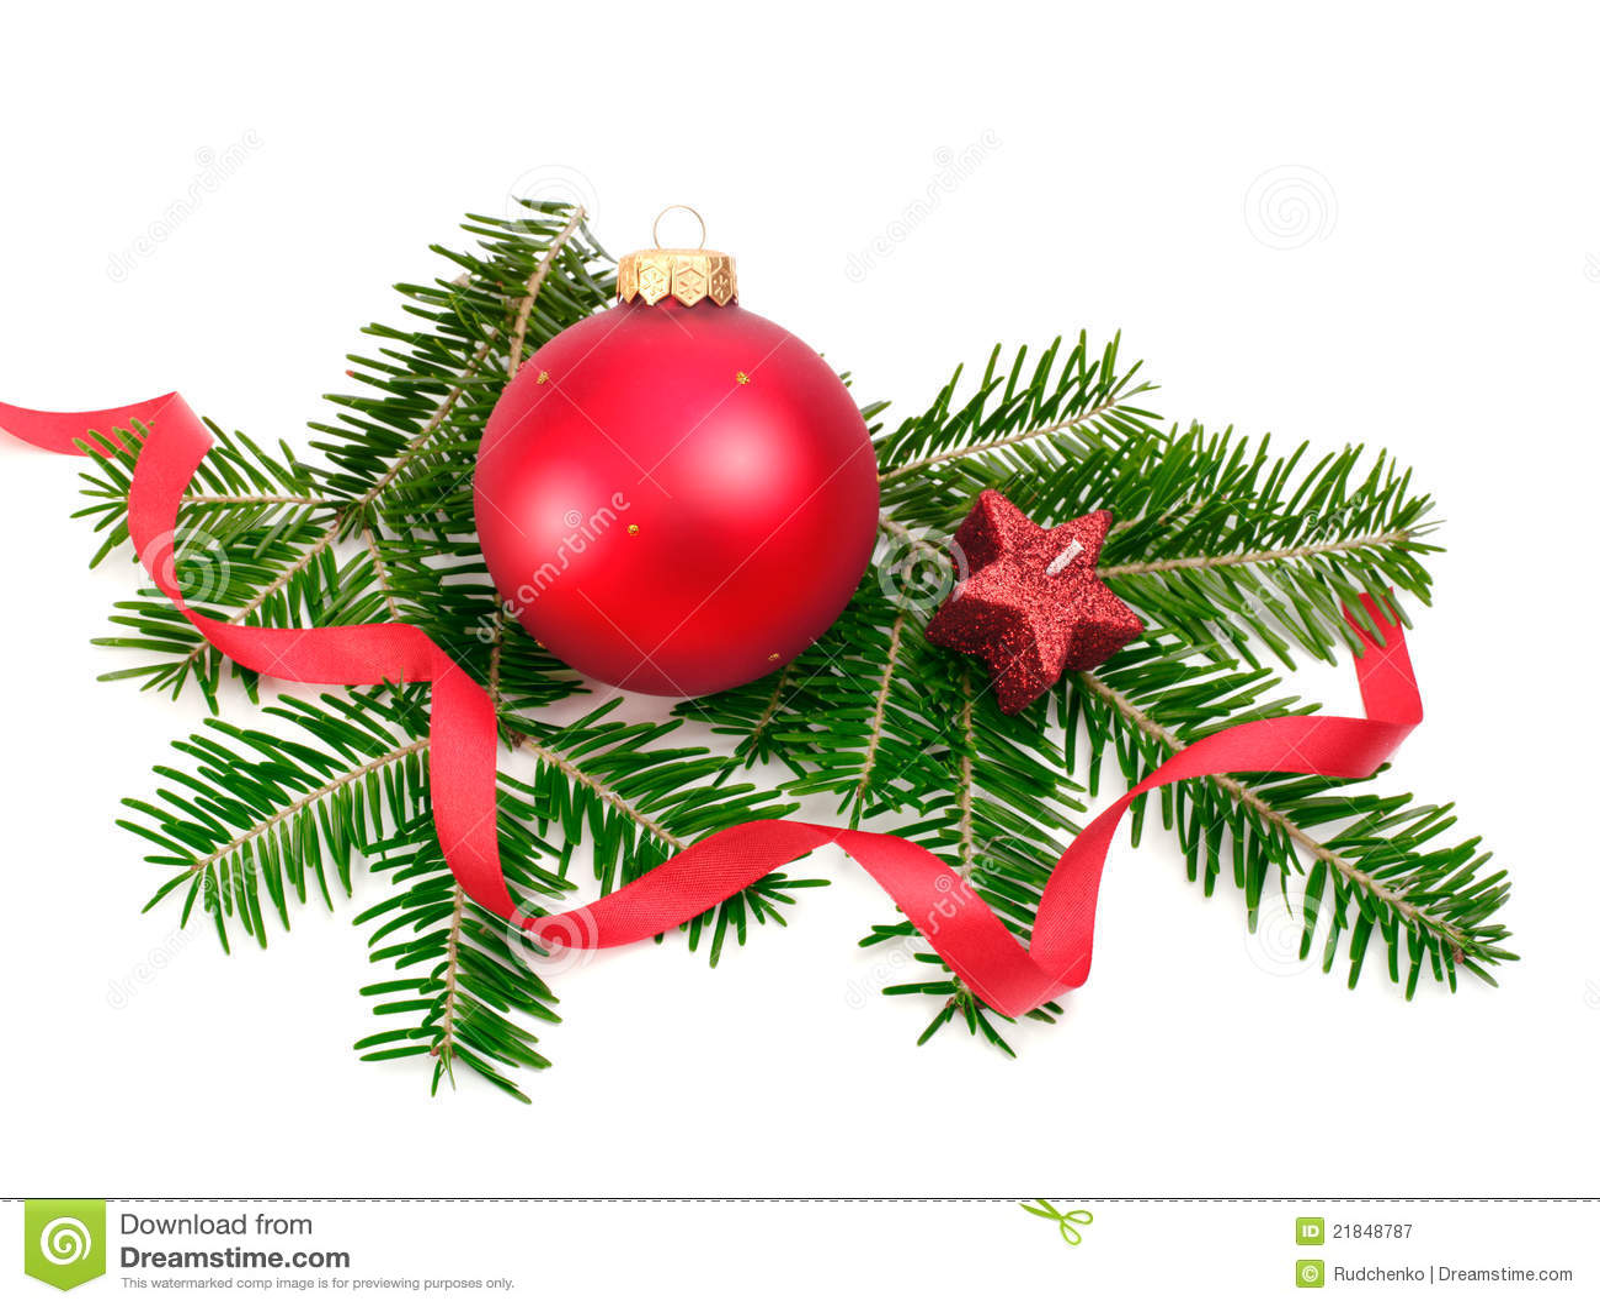 weihnachtskugel und gezierter zweig stockbild bild von dekoration tradition 21848787. Black Bedroom Furniture Sets. Home Design Ideas